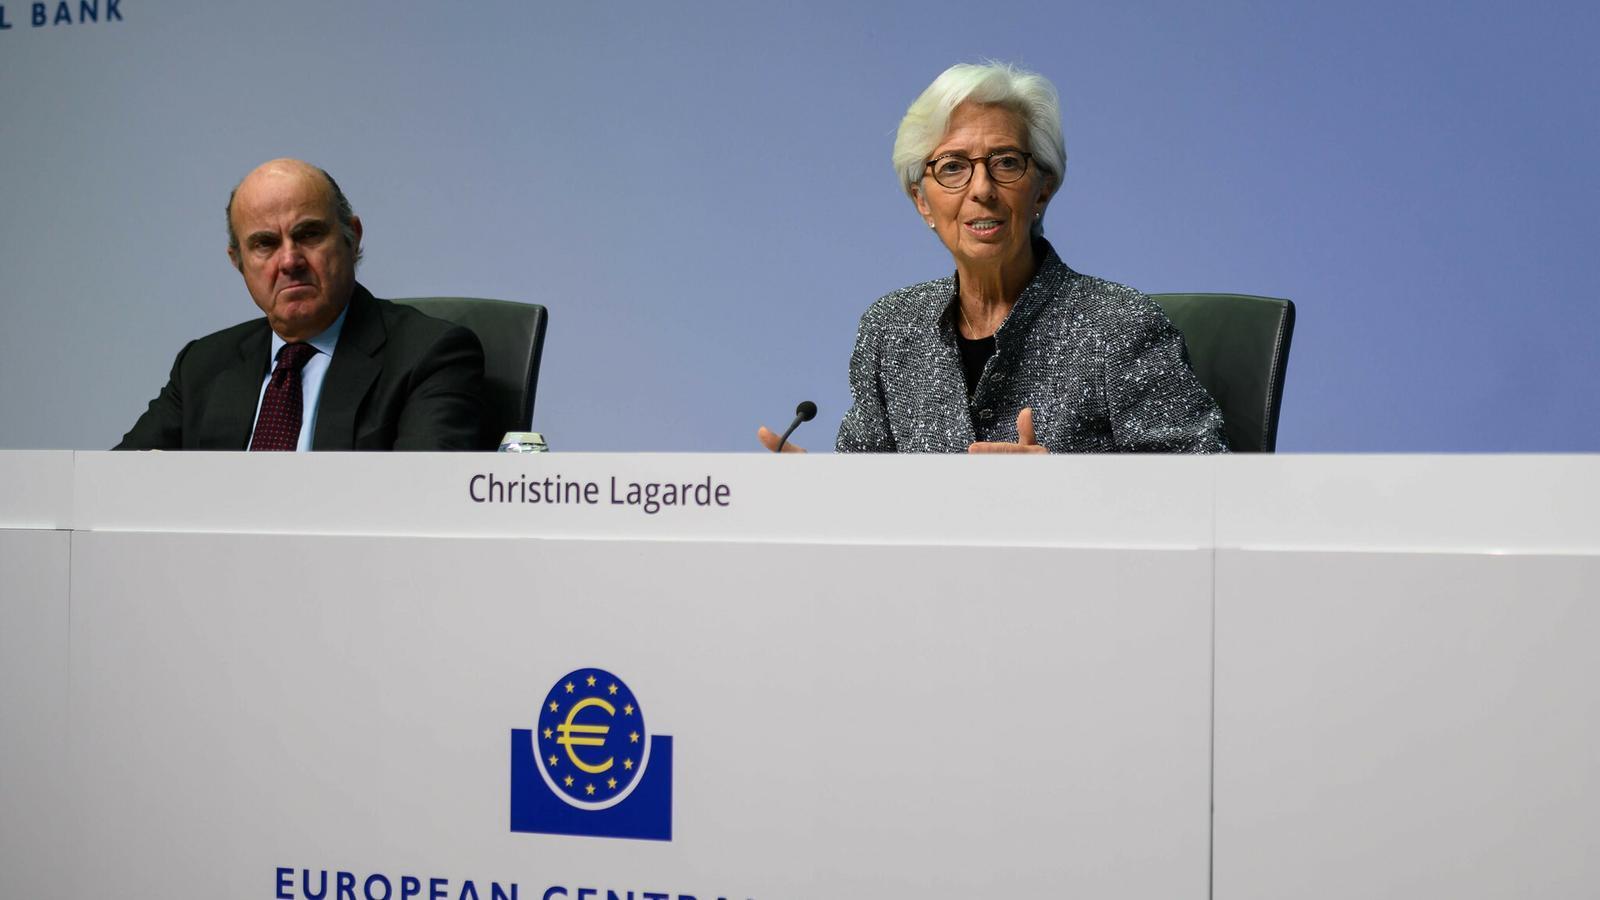 La presidenta del BCE, Christine Lagarde, amb el vicepresident, Luis de Guindos, en la seva última roda de premsa.